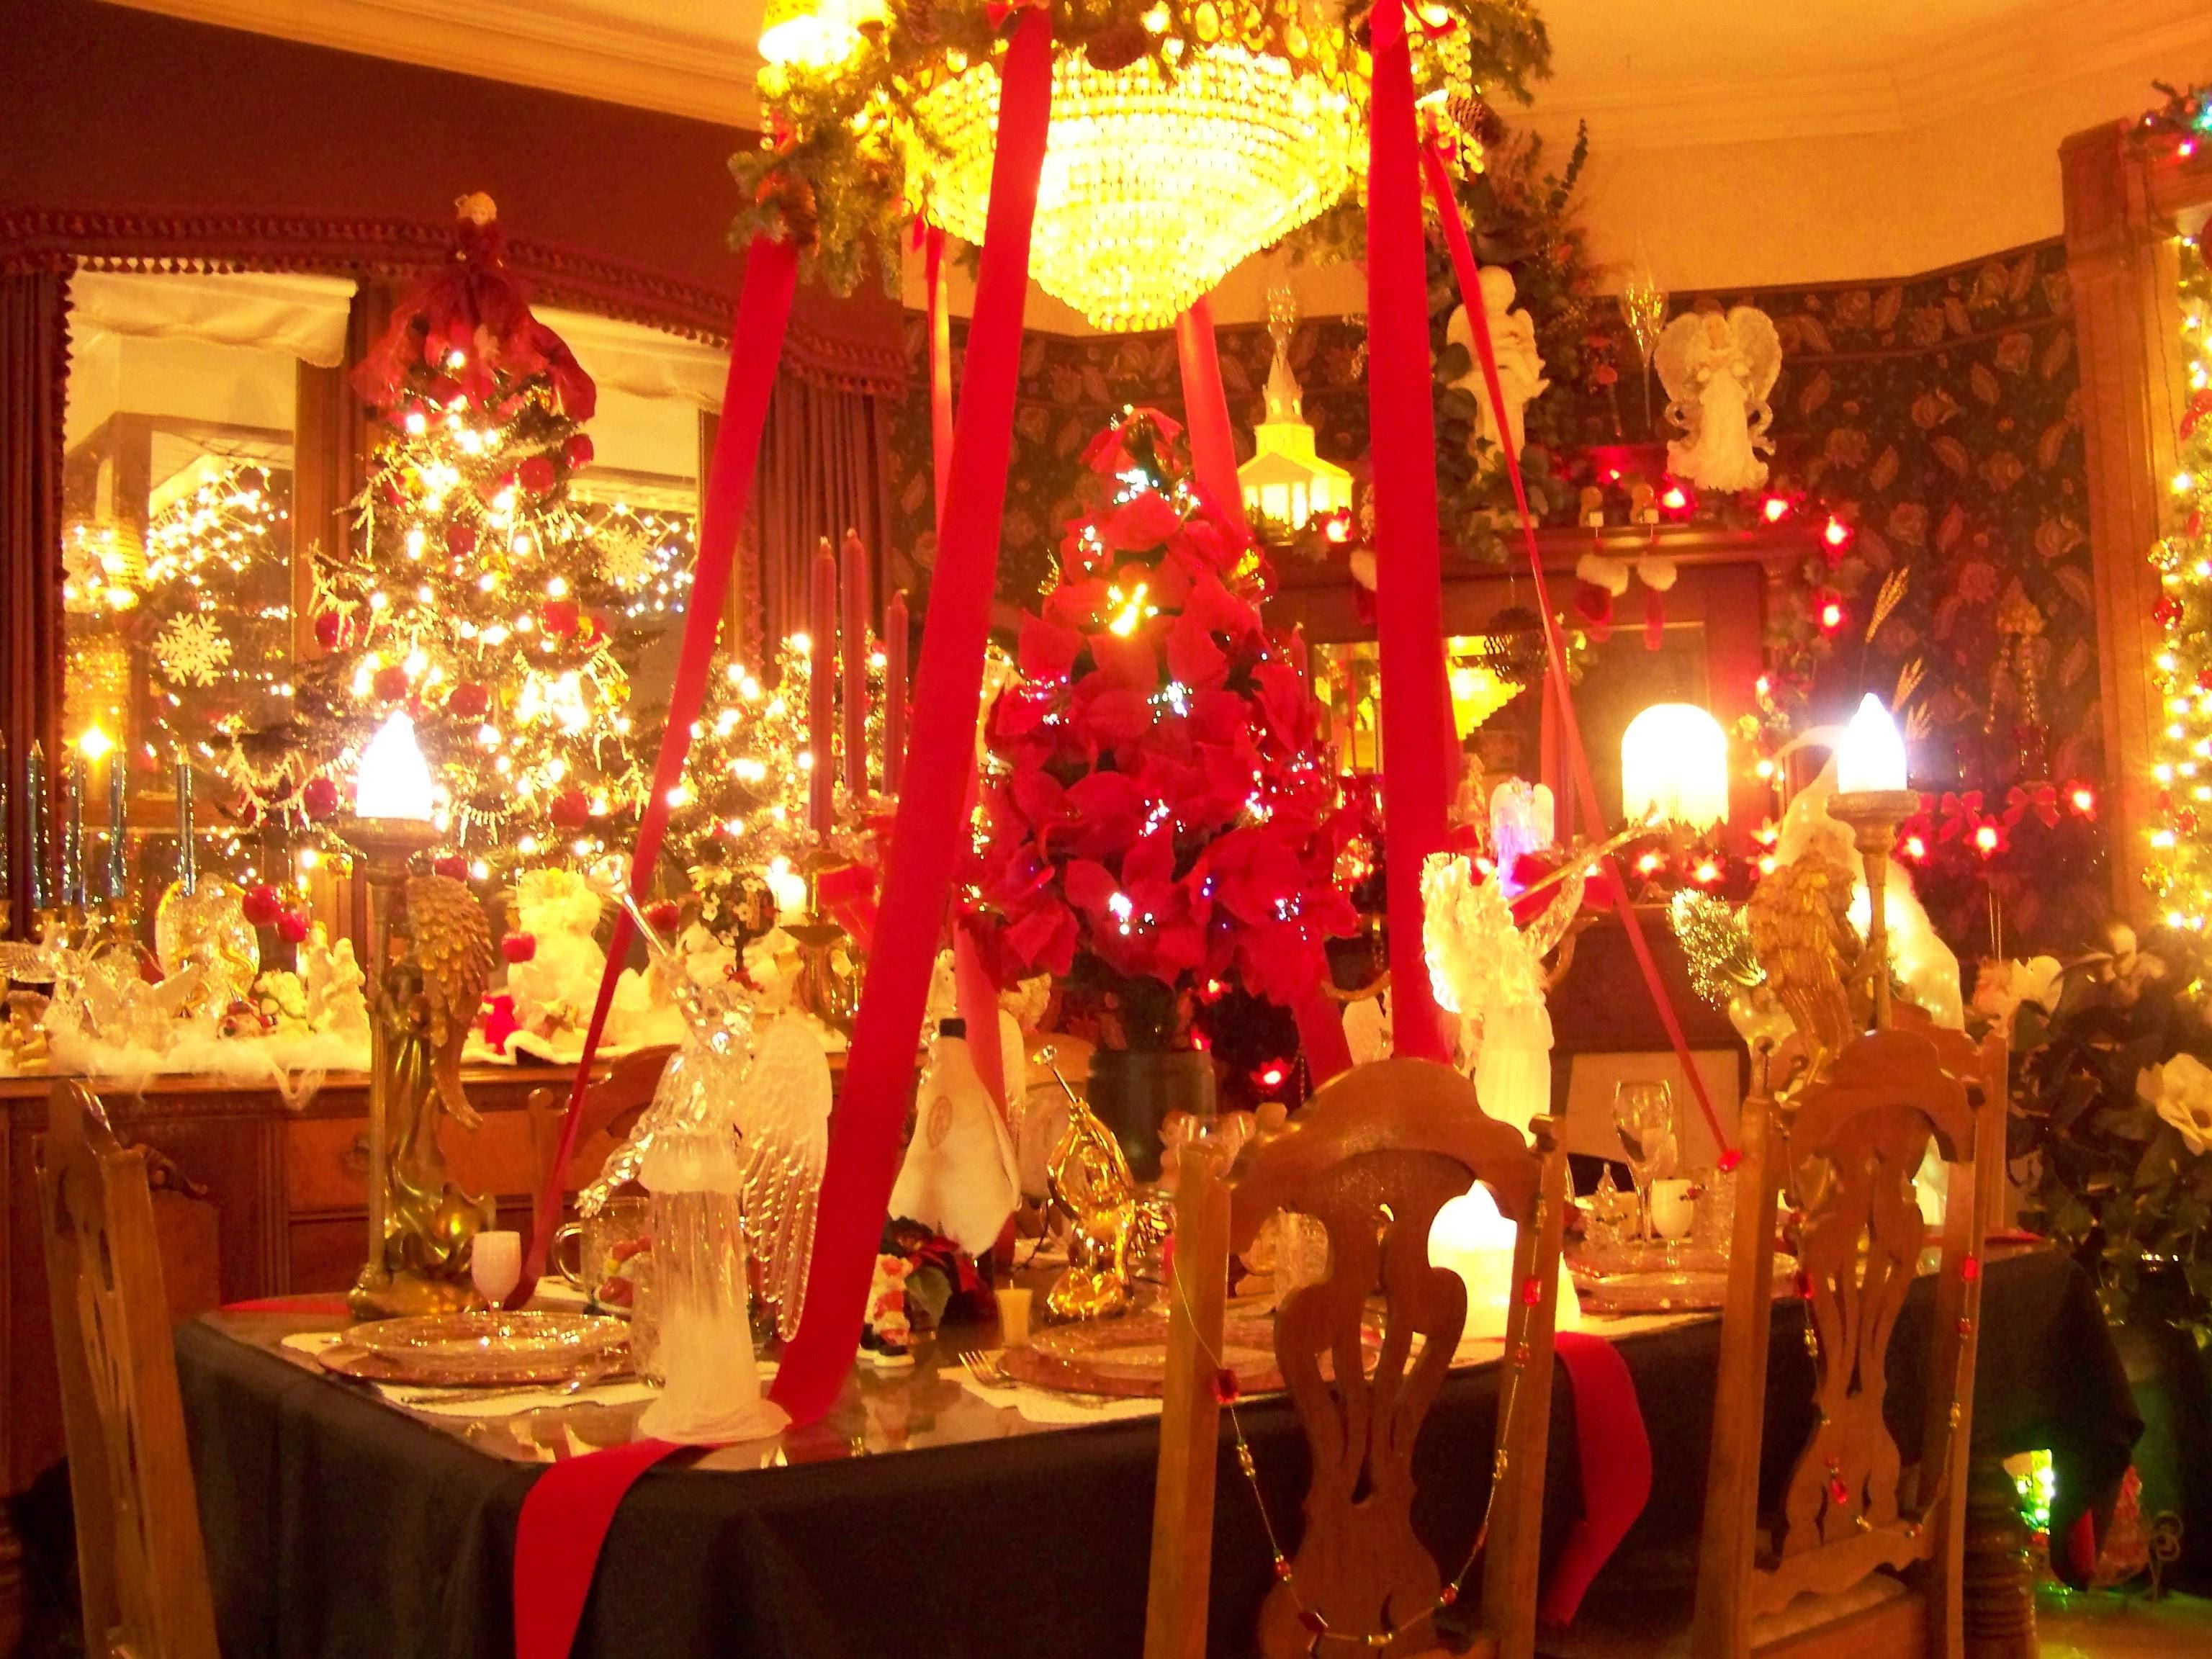 Xmas Home Decorations home christmas decorations | porentreospingosdechuva